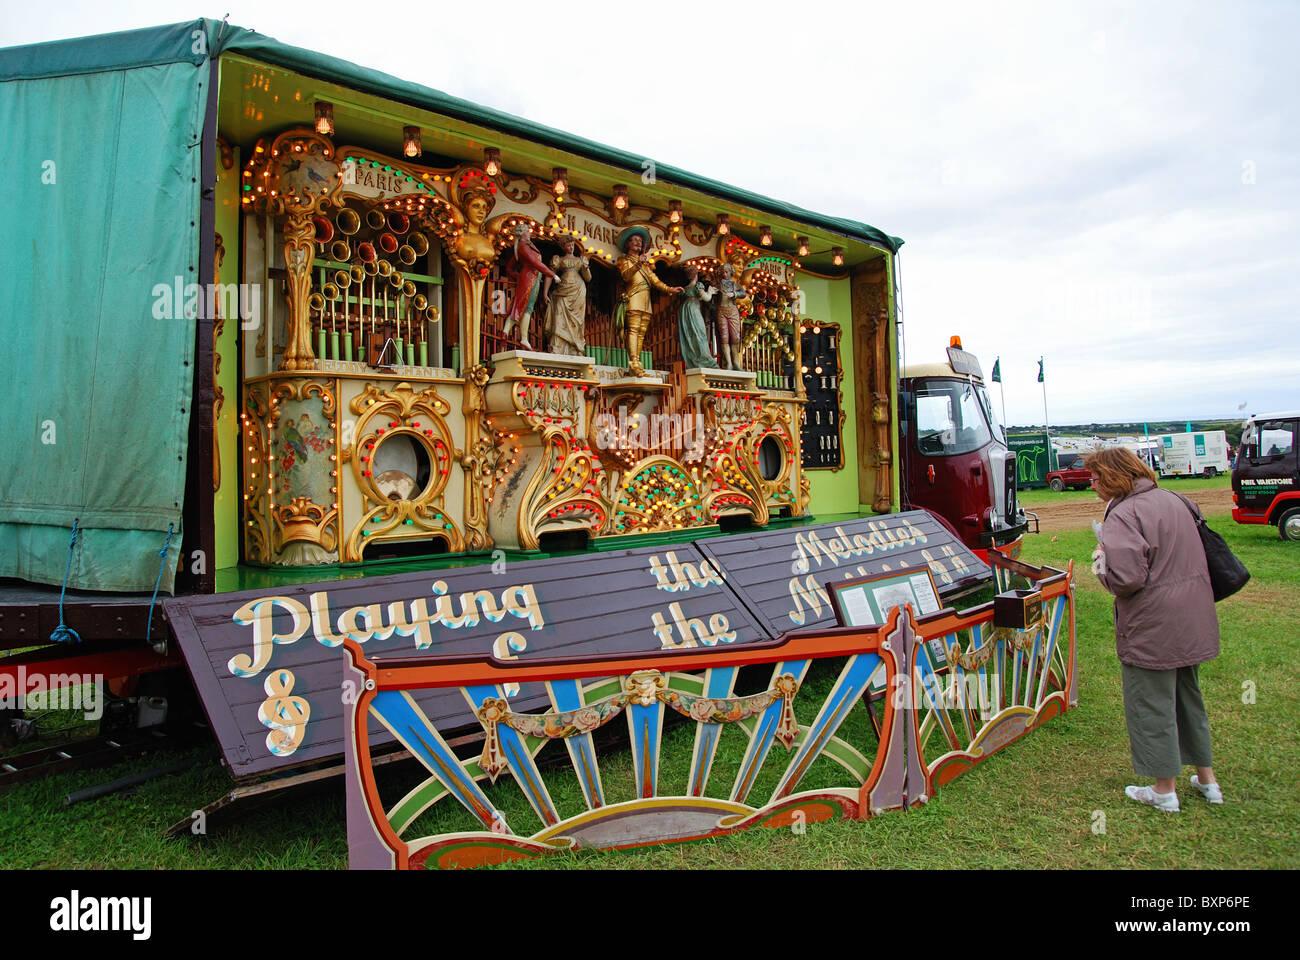 eine große Reise musikalische Orgel auf einem Jahrmarkt in Wiltshire, Großbritannien Stockbild